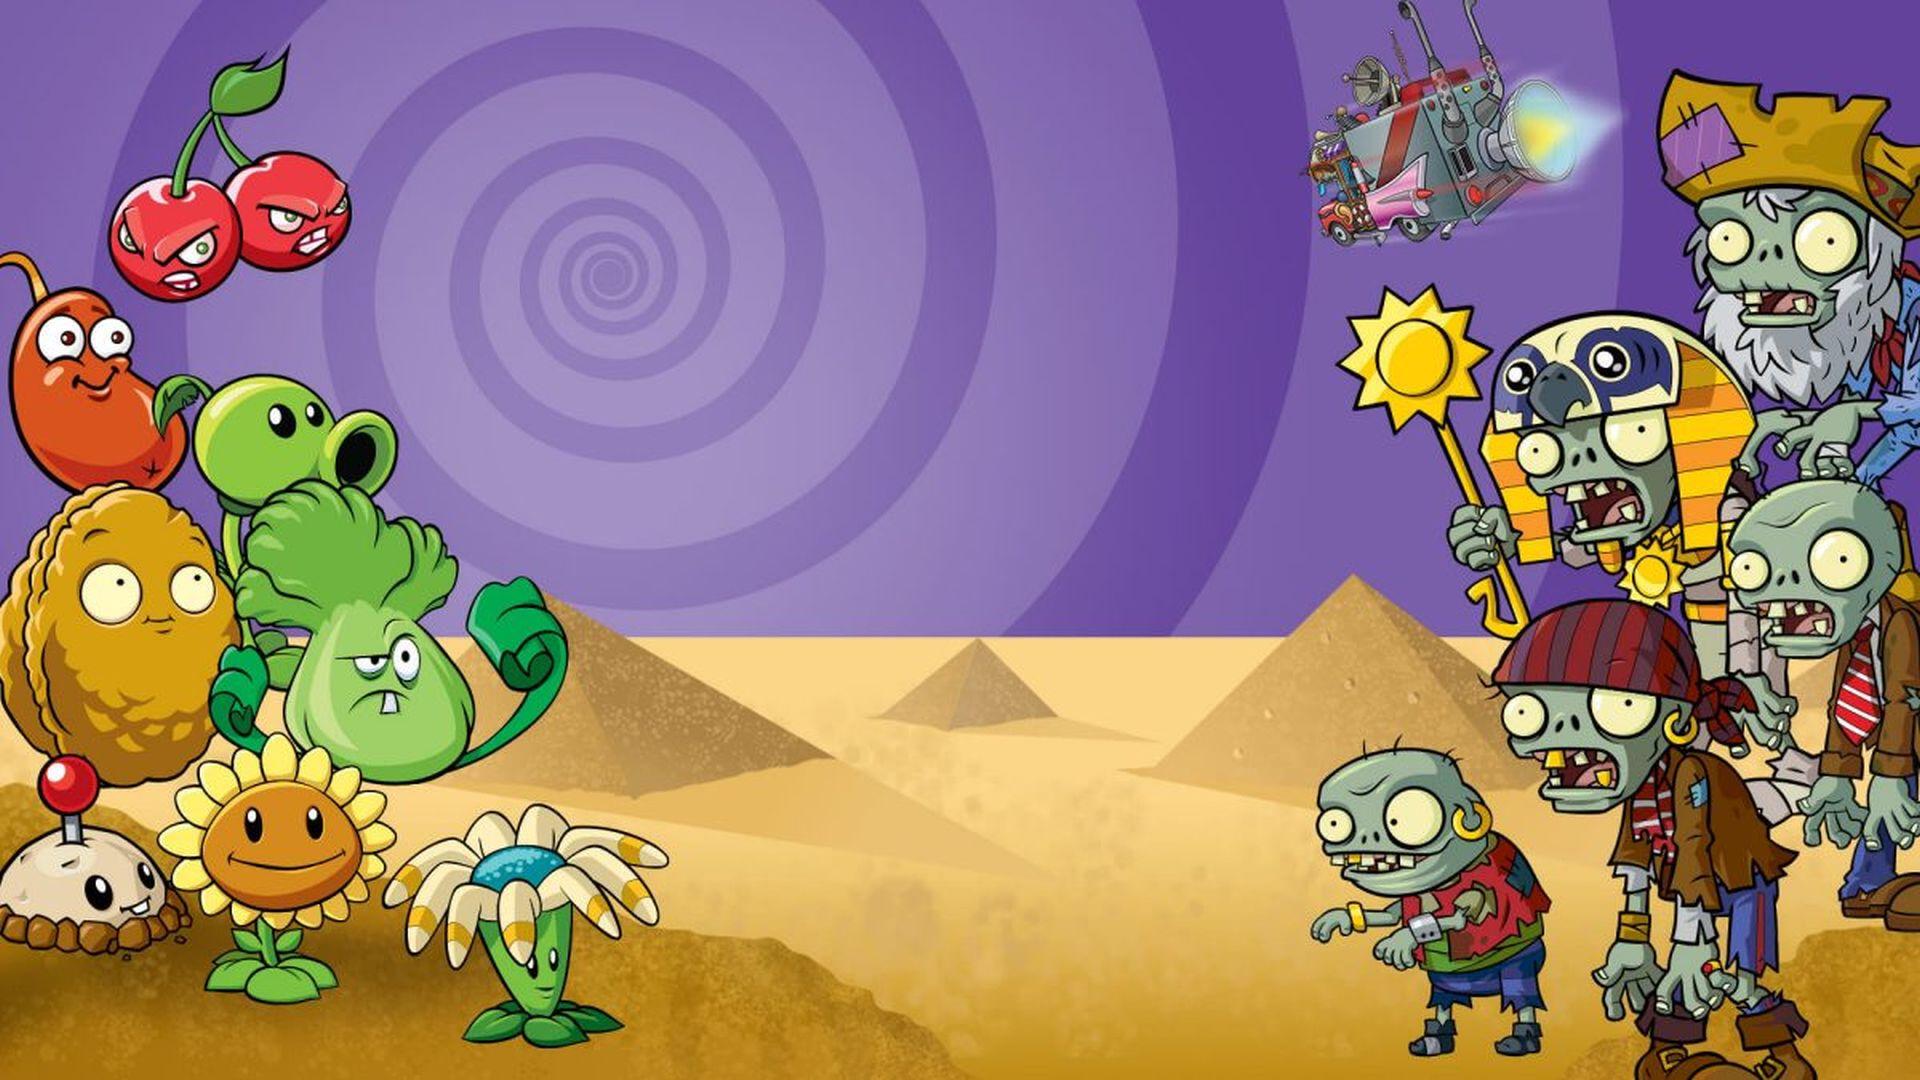 《植物大战僵尸3》正式公布 目前仅在谷歌Play展开测试